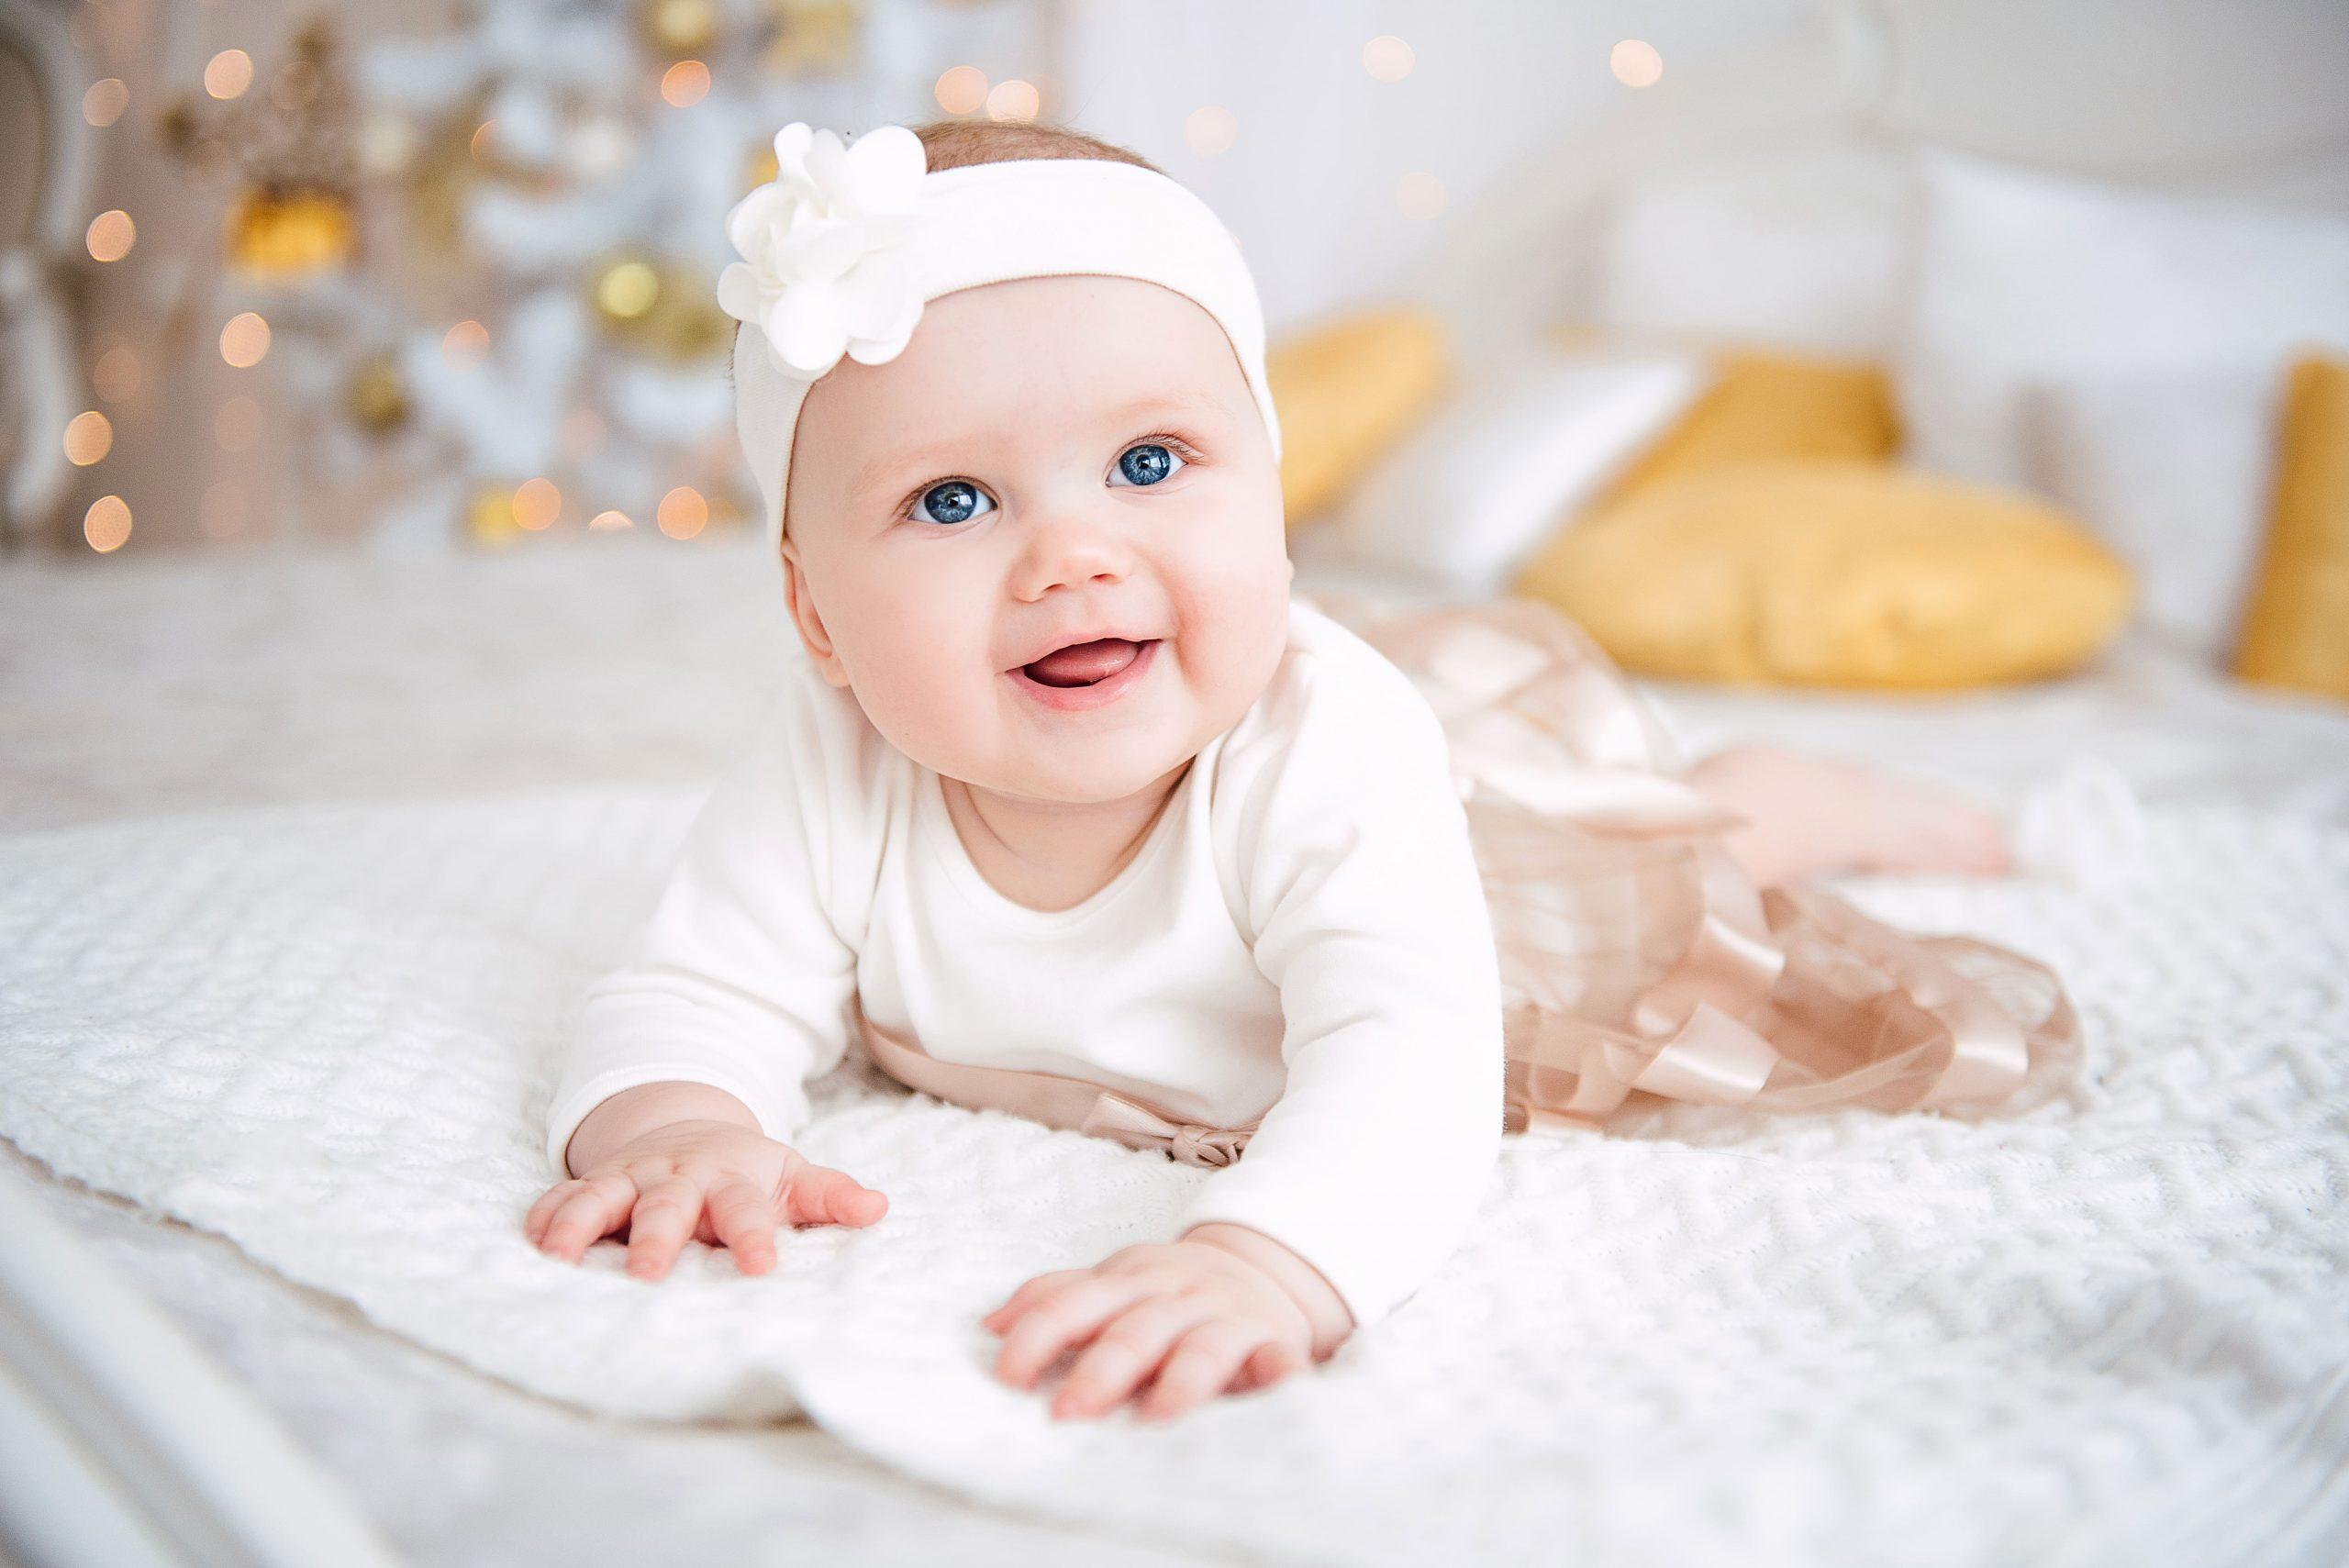 【女の子向け】おしゃれなママも喜ぶ出産祝いと渡し方のマナー